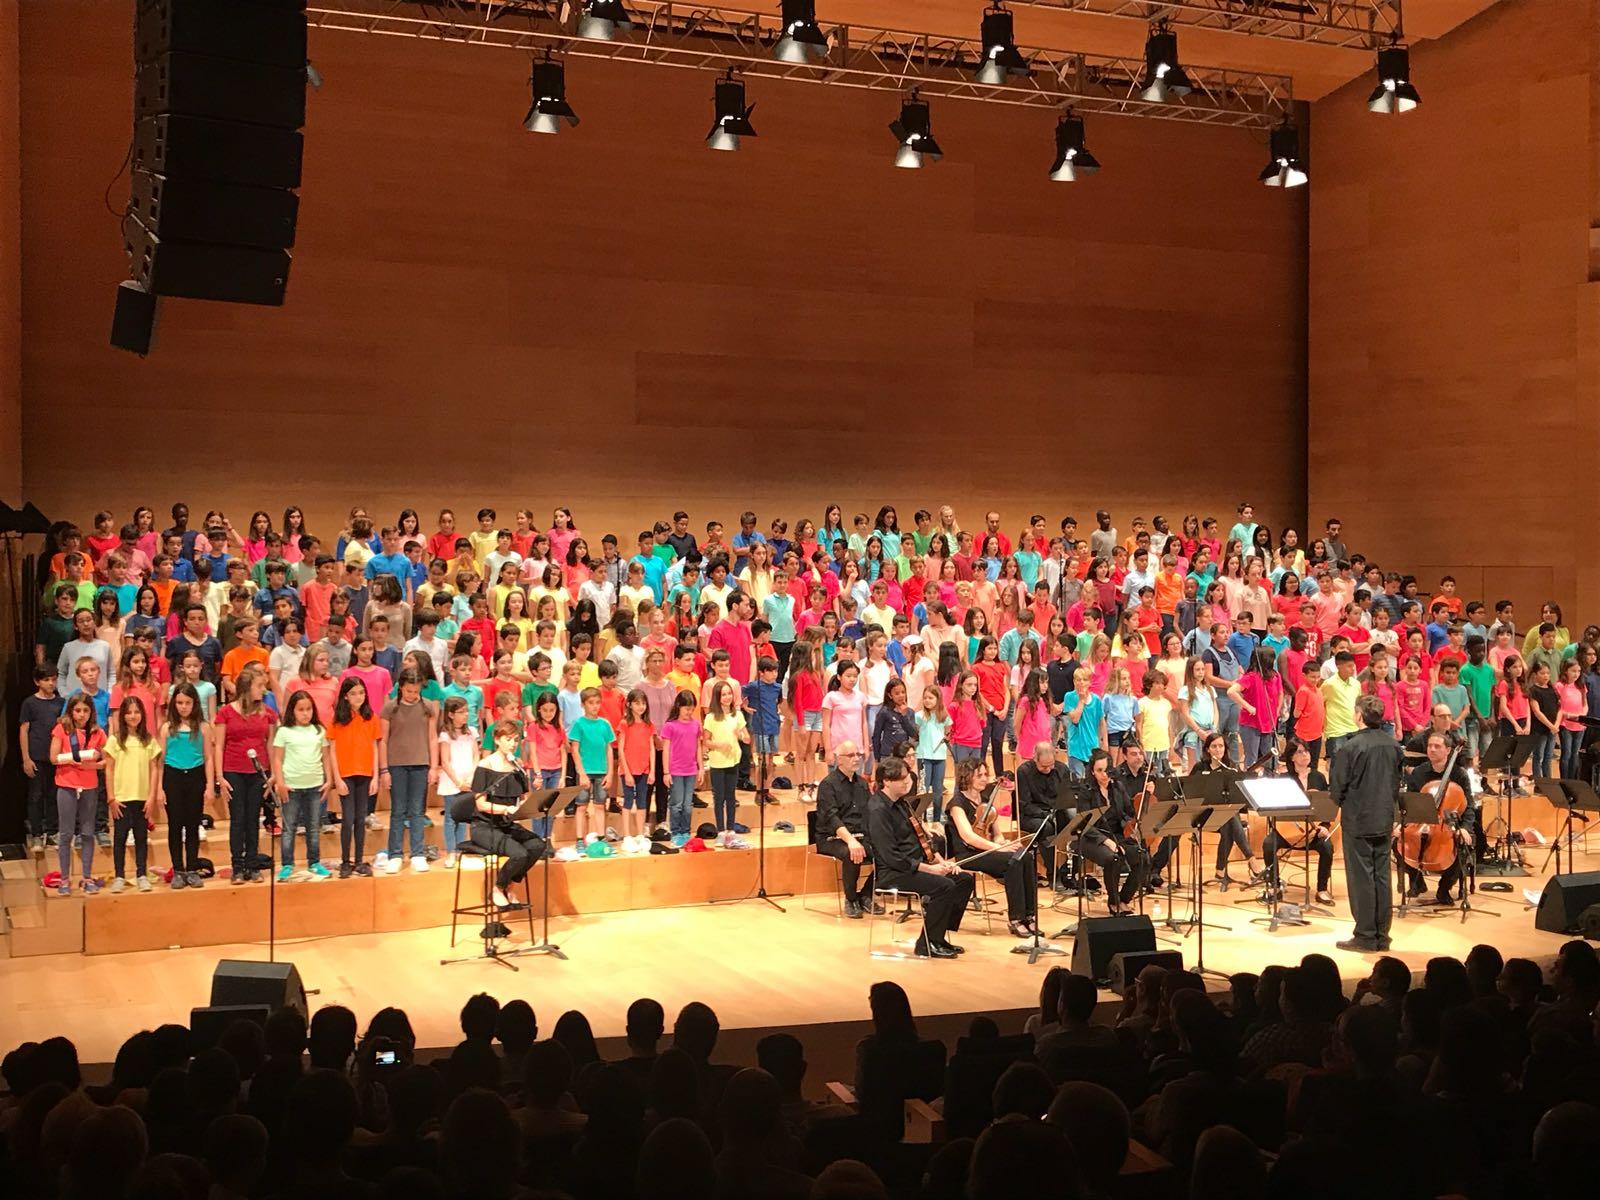 """L'@alcaldessa_gi assisteix a la 21a edició de """"Tots junts a cantar"""", que sota el tema Els aprenents de solfa, ha permès més d'un miler d'alumnes aprendre música, participar en un espectacle i relacionar-se amb els companys. Avui ho han demostrat en concert! https://t.co/gJ0Qn3SR0N"""